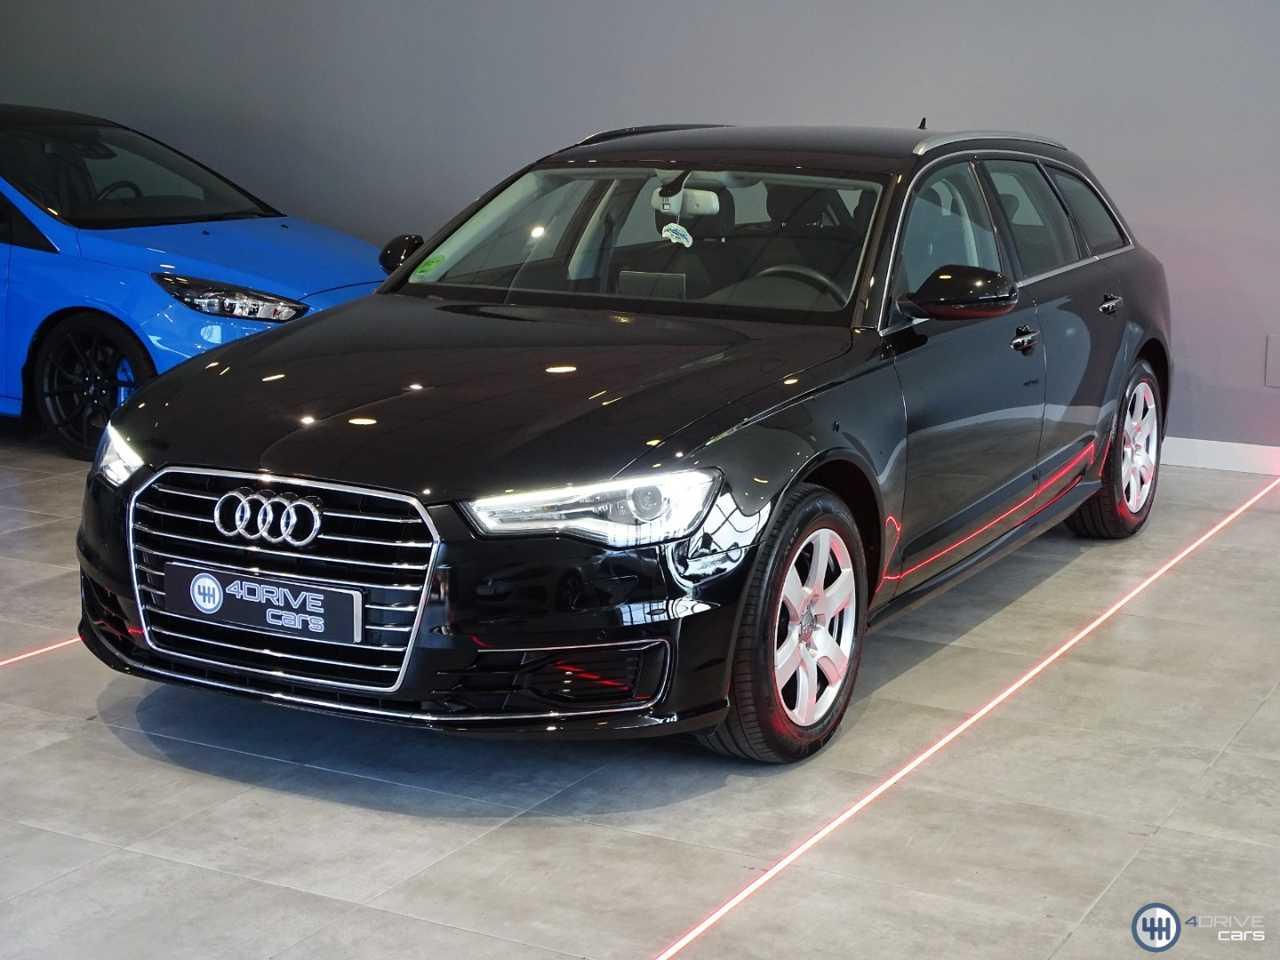 Audi A6 Avant 2.0 TDI Ultra S tronic   - Foto 1